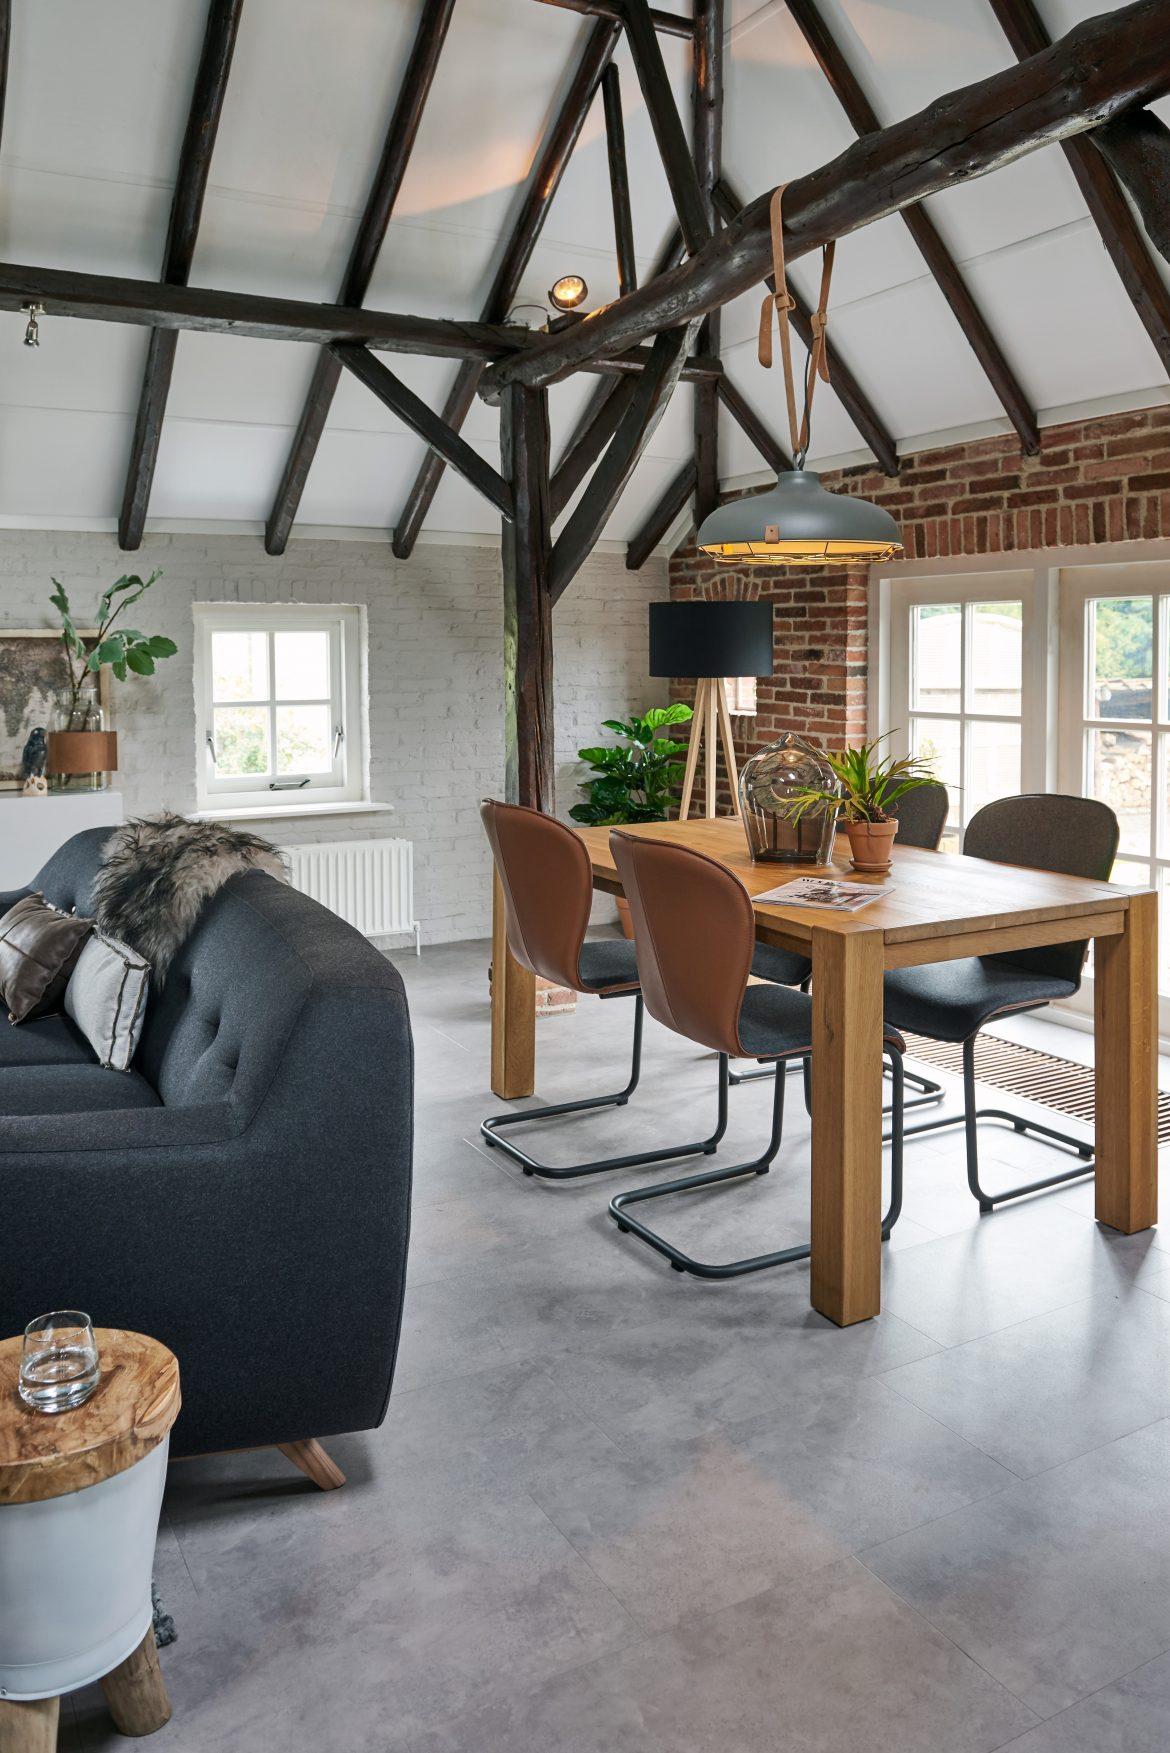 De woonboerderij in Nieuw-Annerveen gestyled met hulp van de Vesta interieuradviseur.